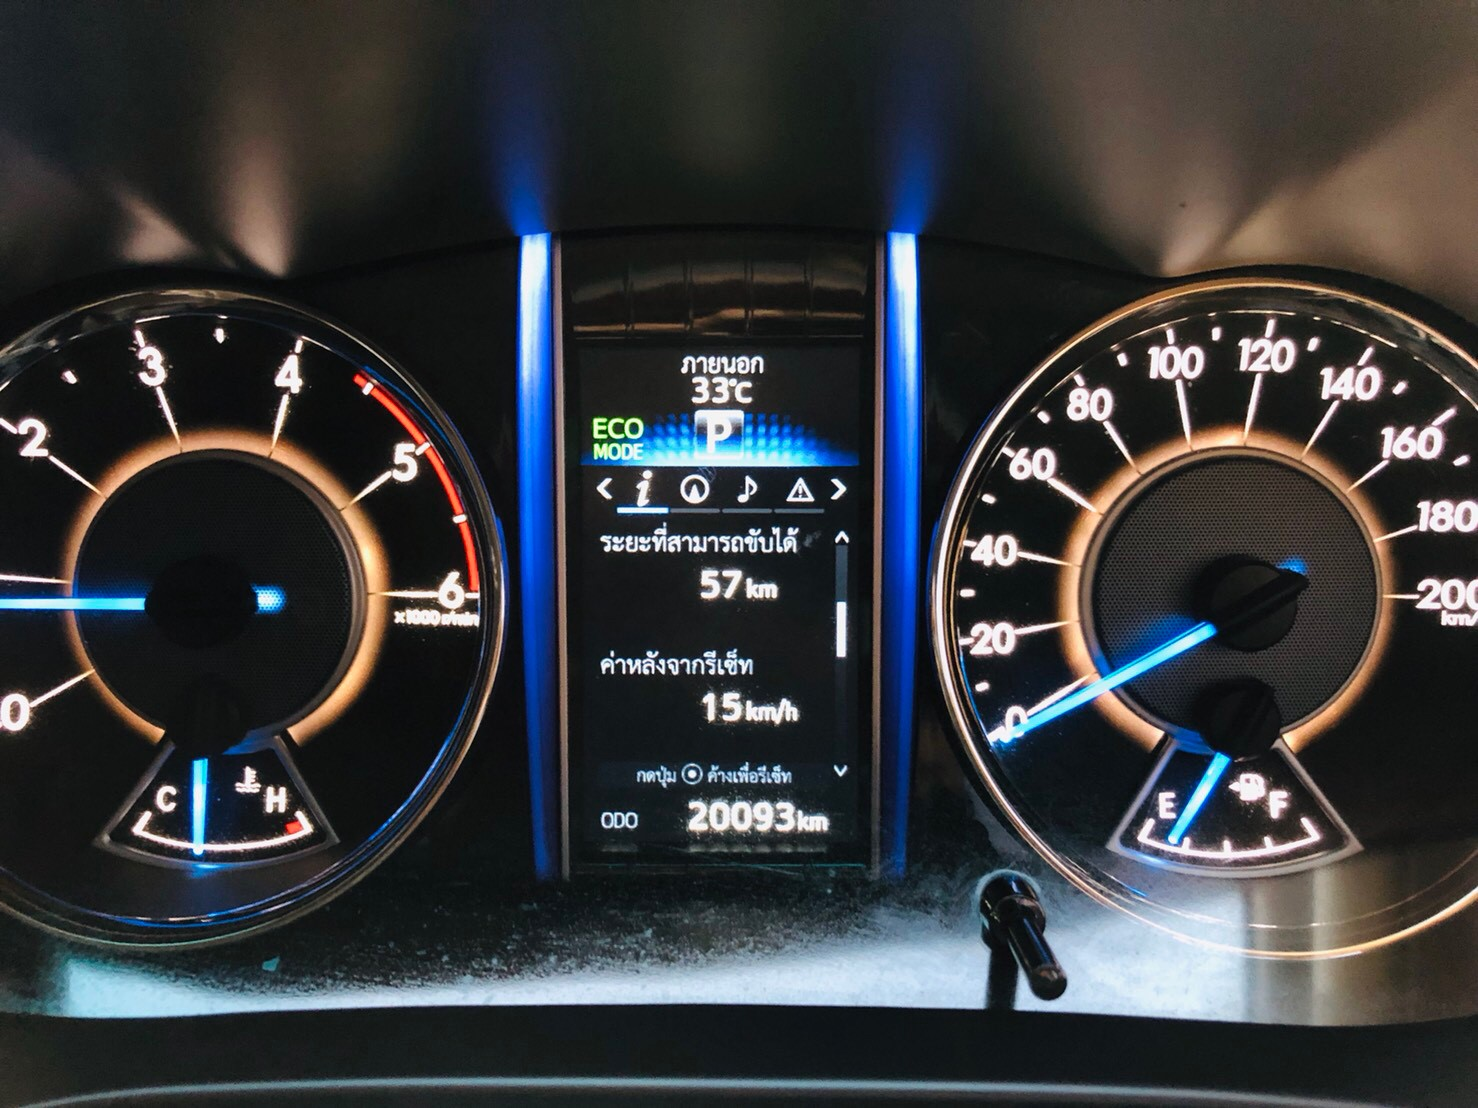 ภาพหน้าปัดเลขไมล์ โตโยต้า ฟอร์จูนเนอร์ 2.4 V 2WD ปี 2017